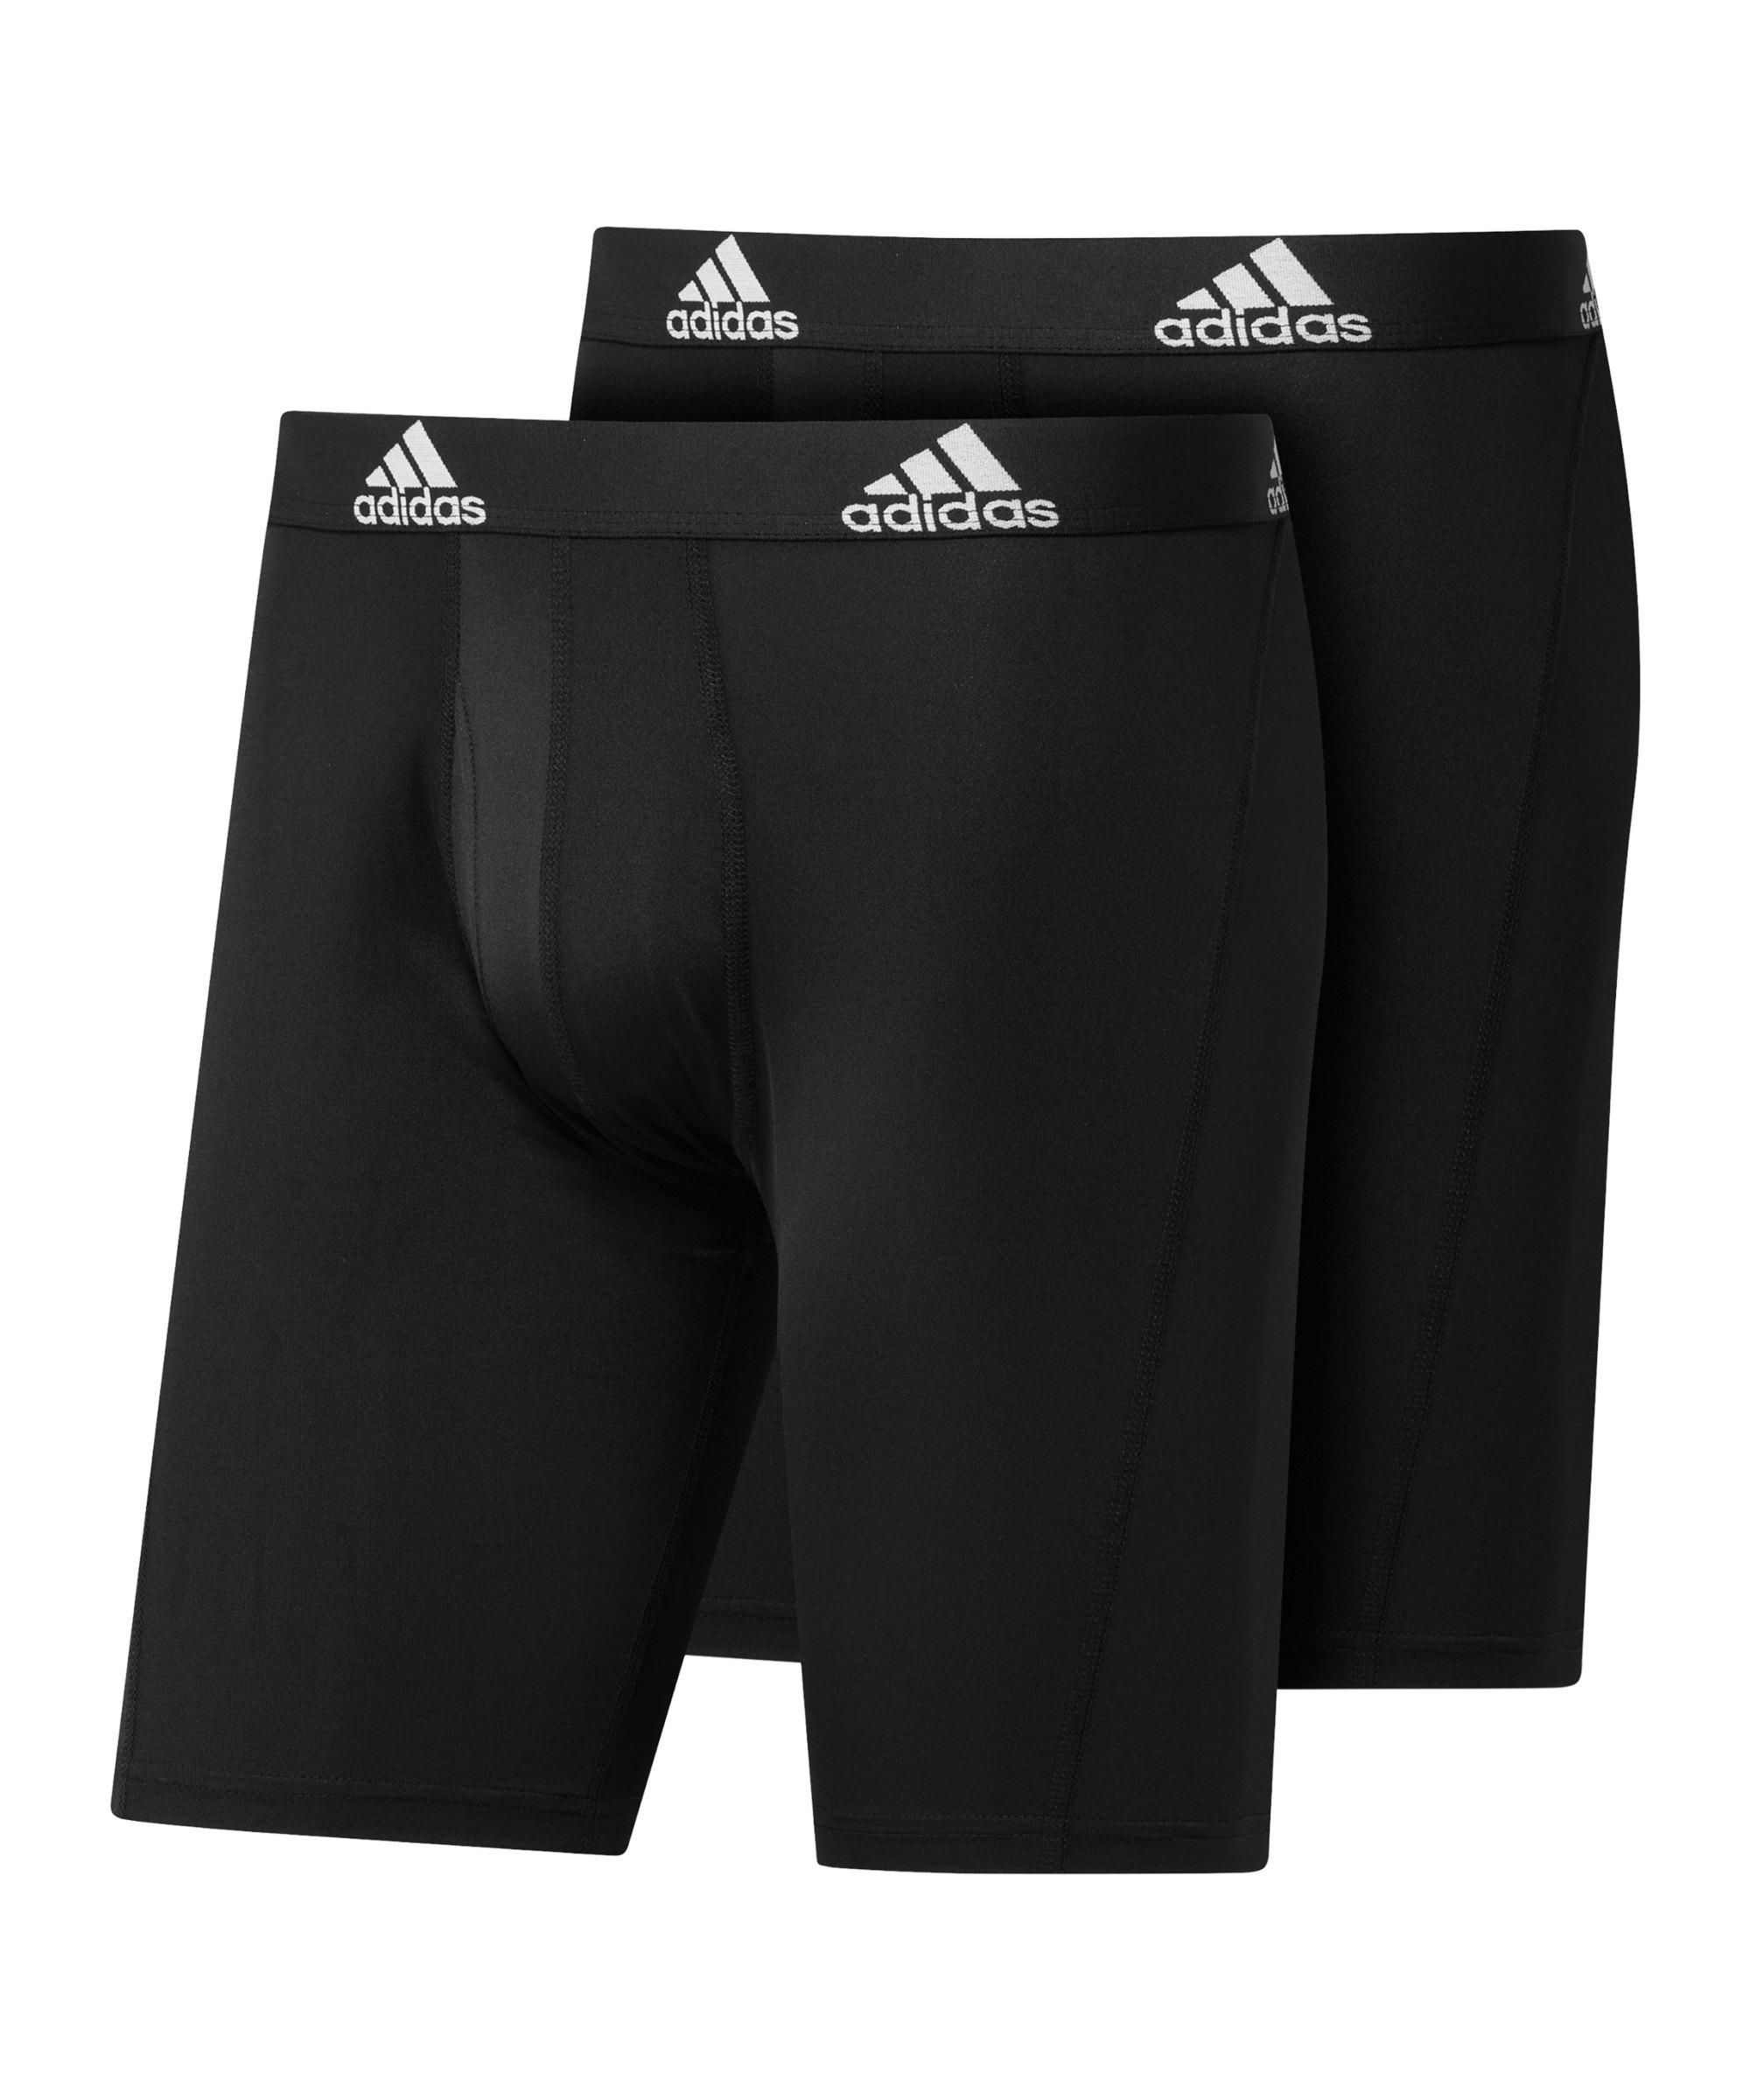 adidas BOS Brief 2er Pack Boxershort Schwarz - schwarz